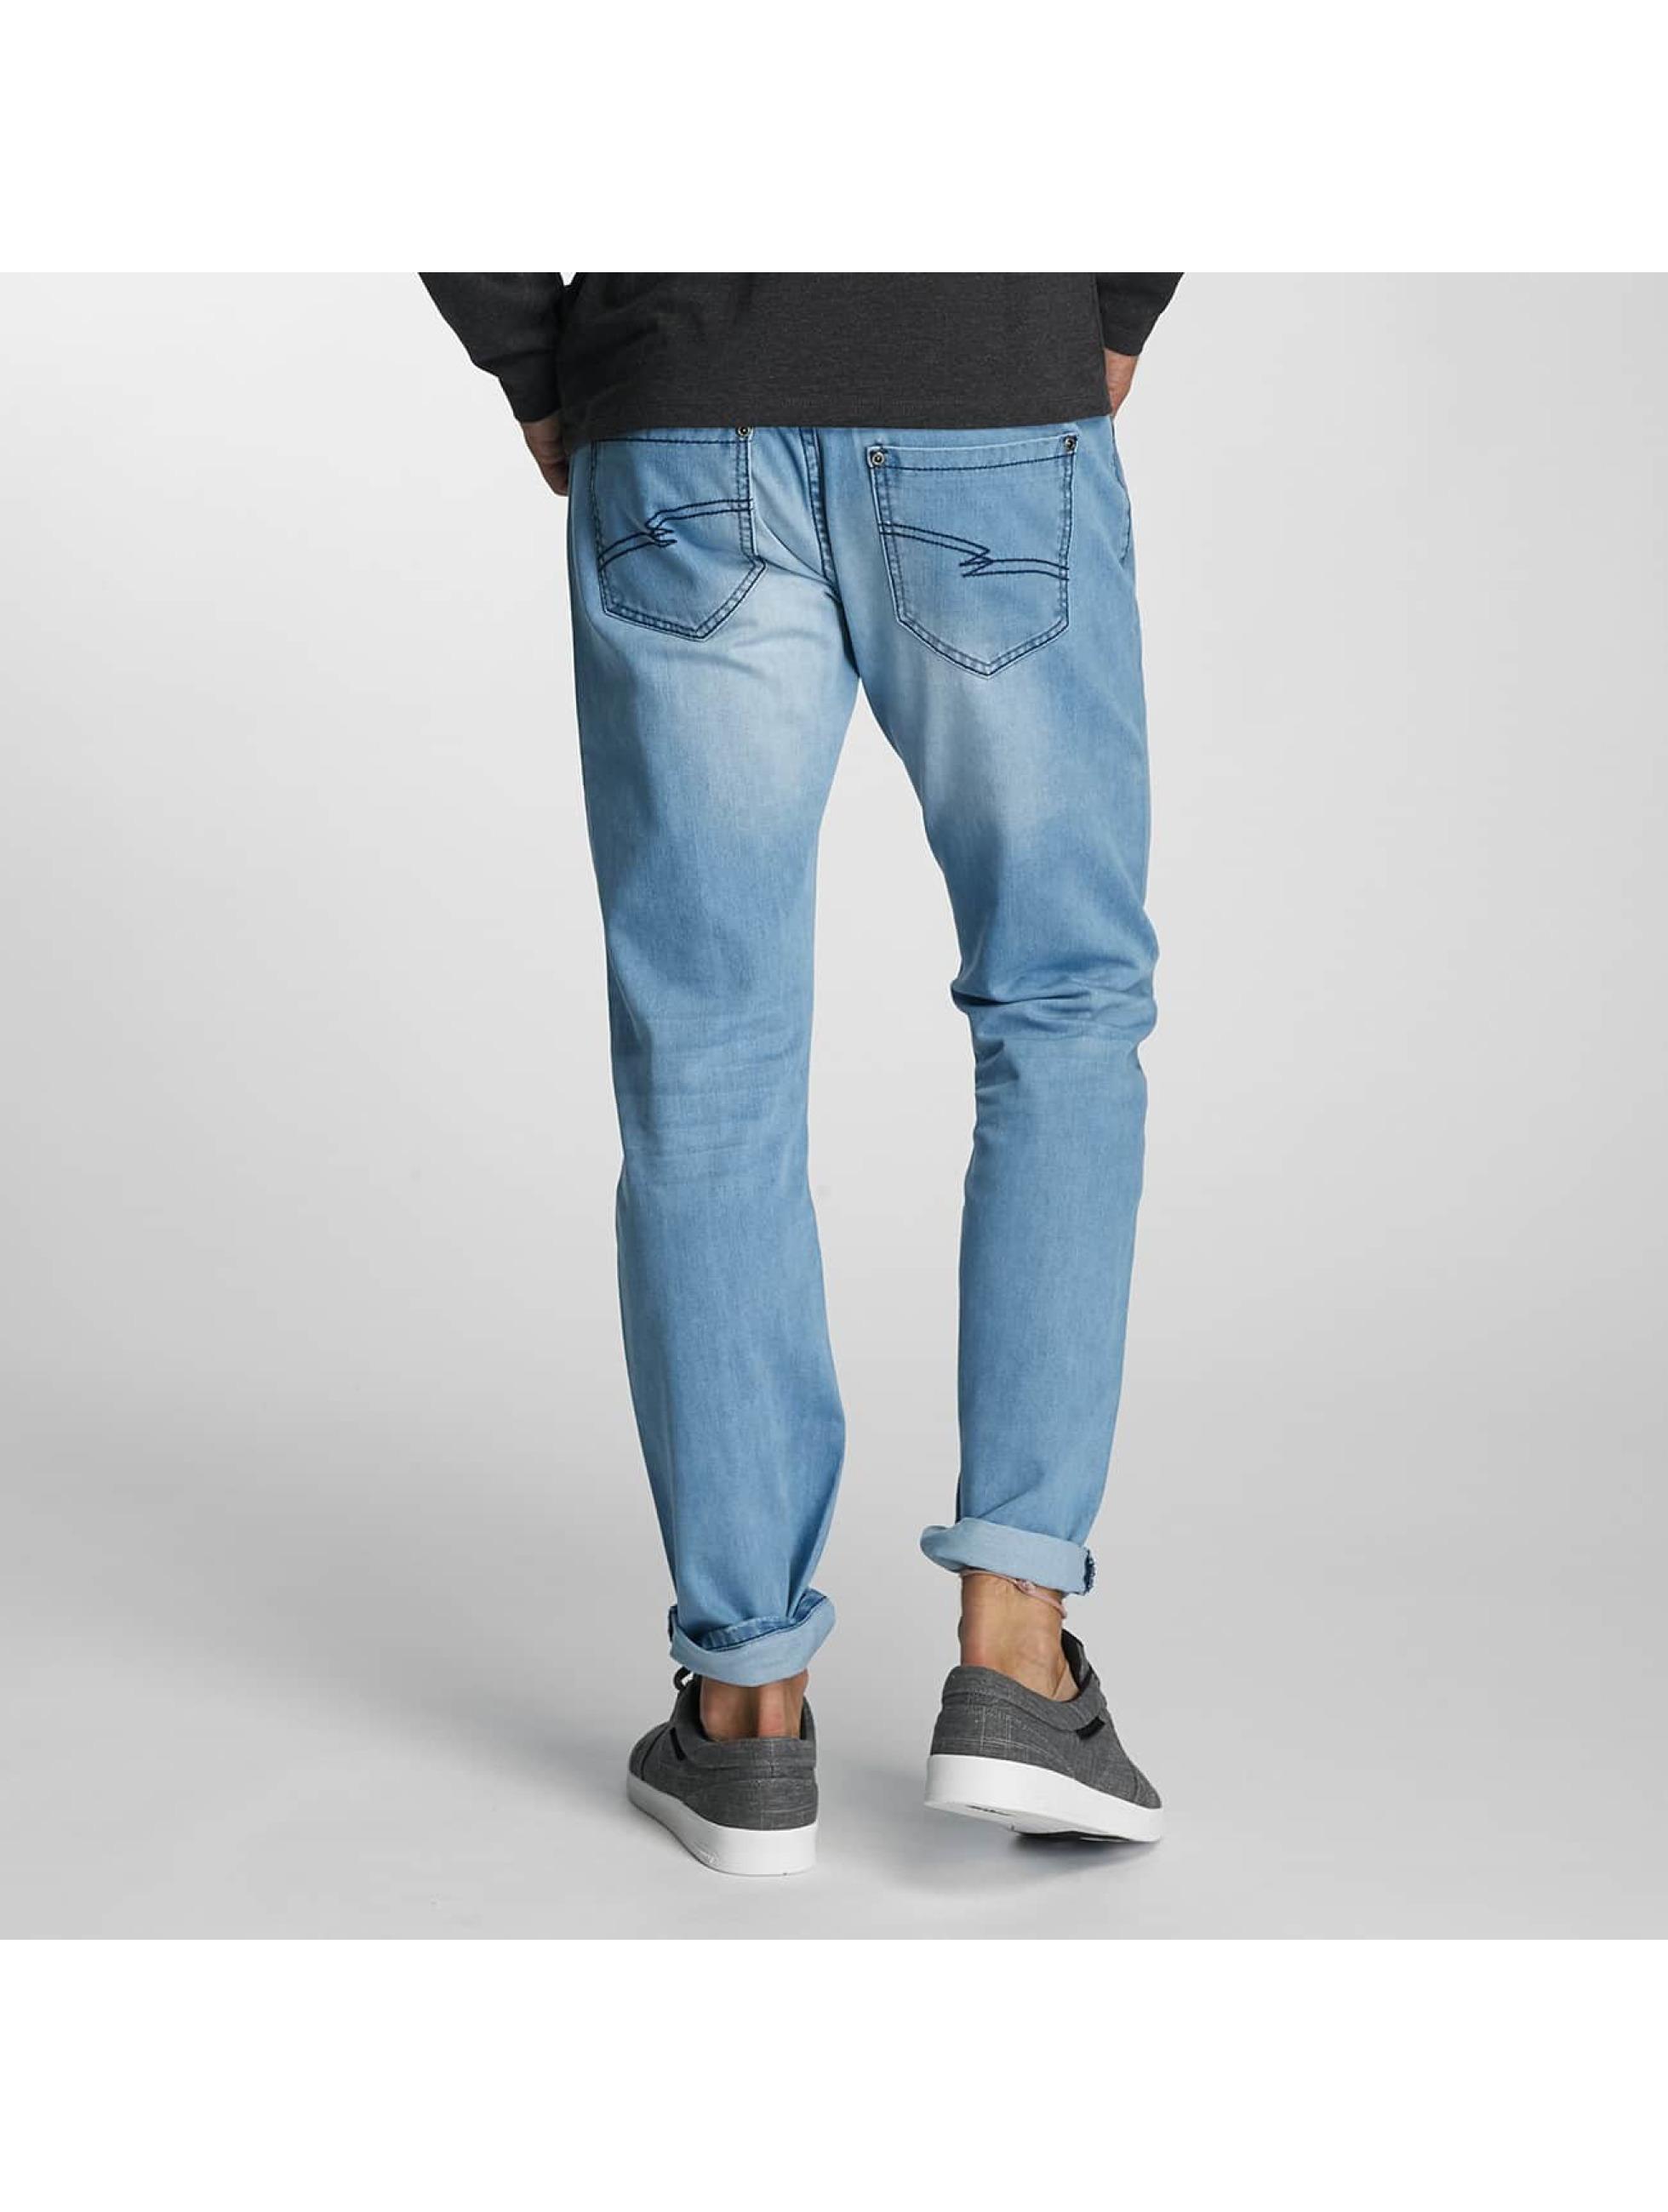 Paris Premium Straight Fit Jeans Jakes blue